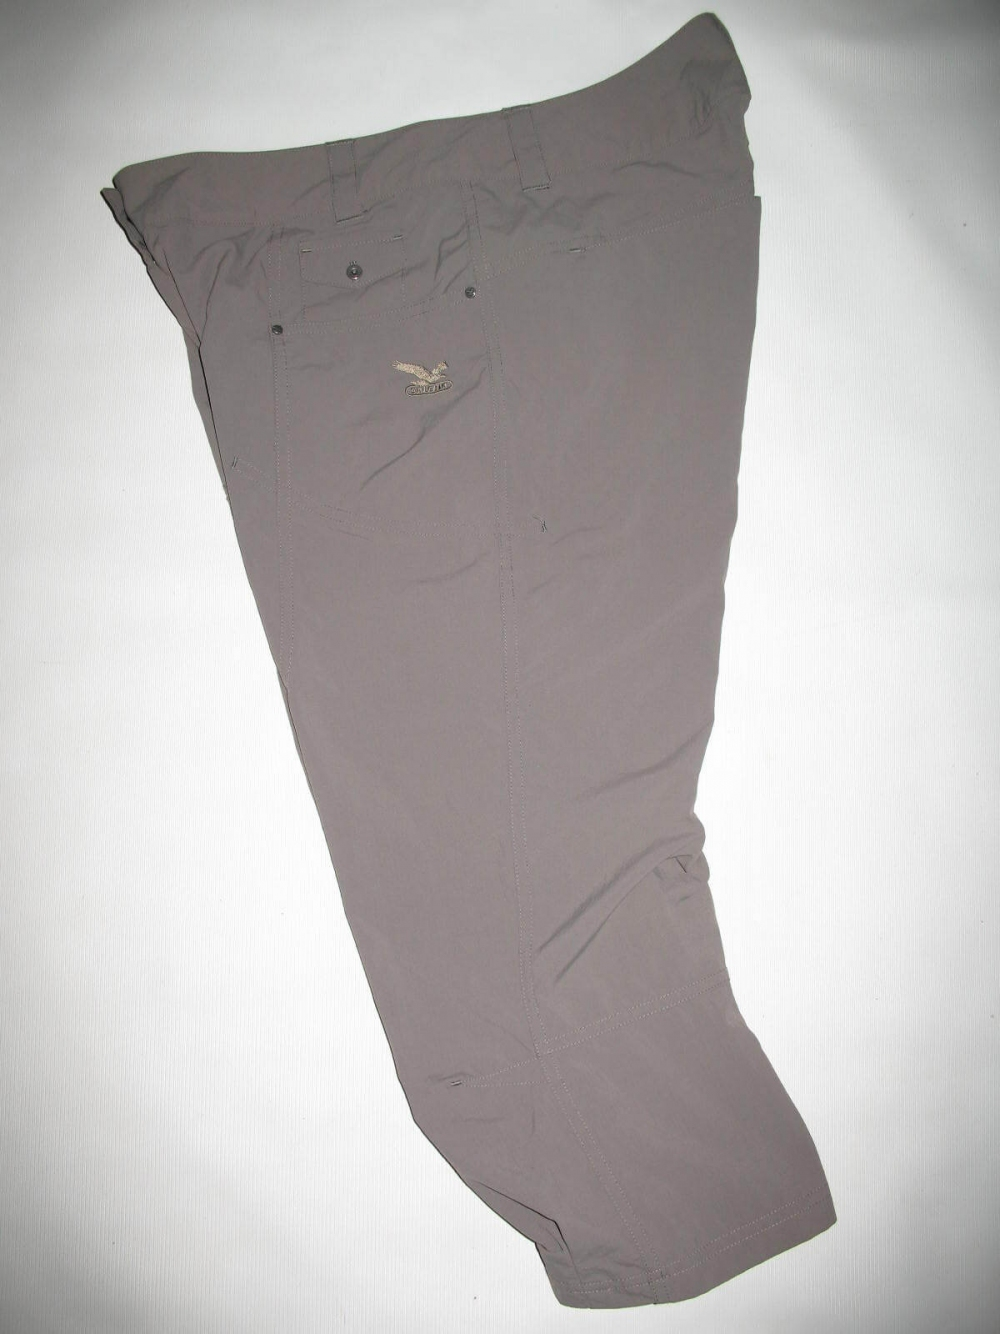 Бриджи SALEWA nola dry 3/4 pants lady (размер L) - 3